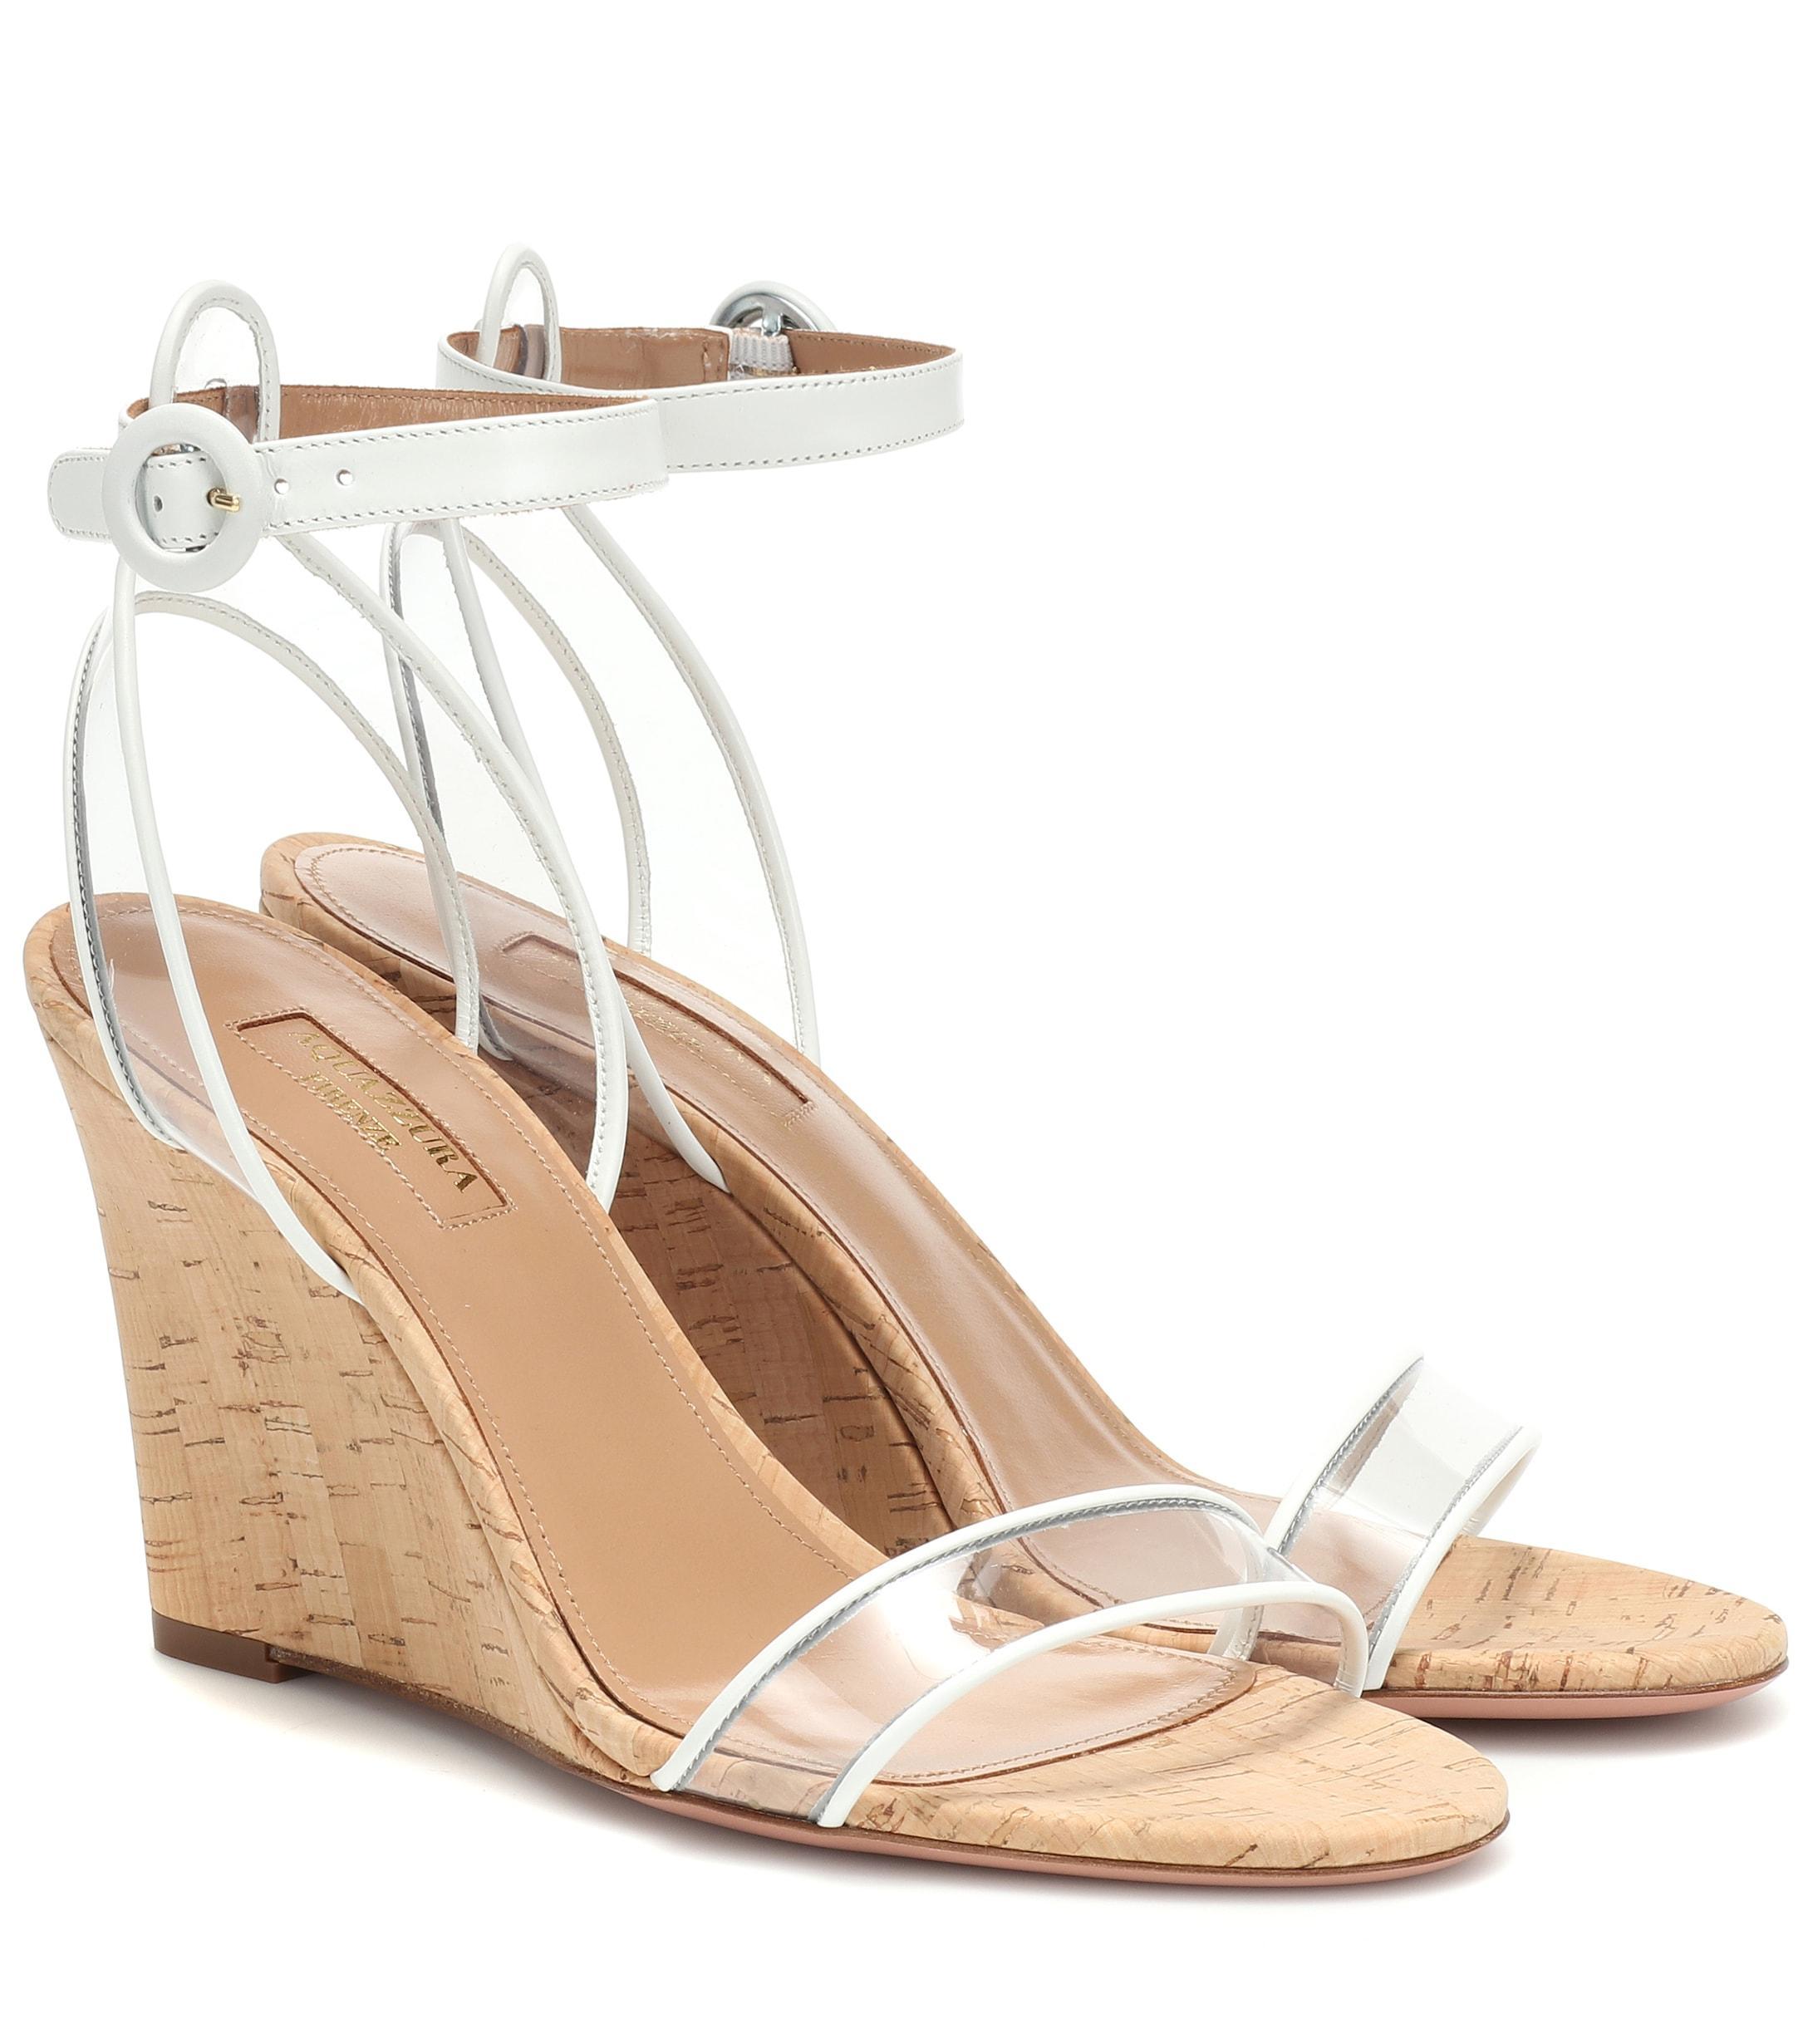 d1ddc245ccfe Lyst - Aquazzura Minimalist 85 Wedge Sandals in White